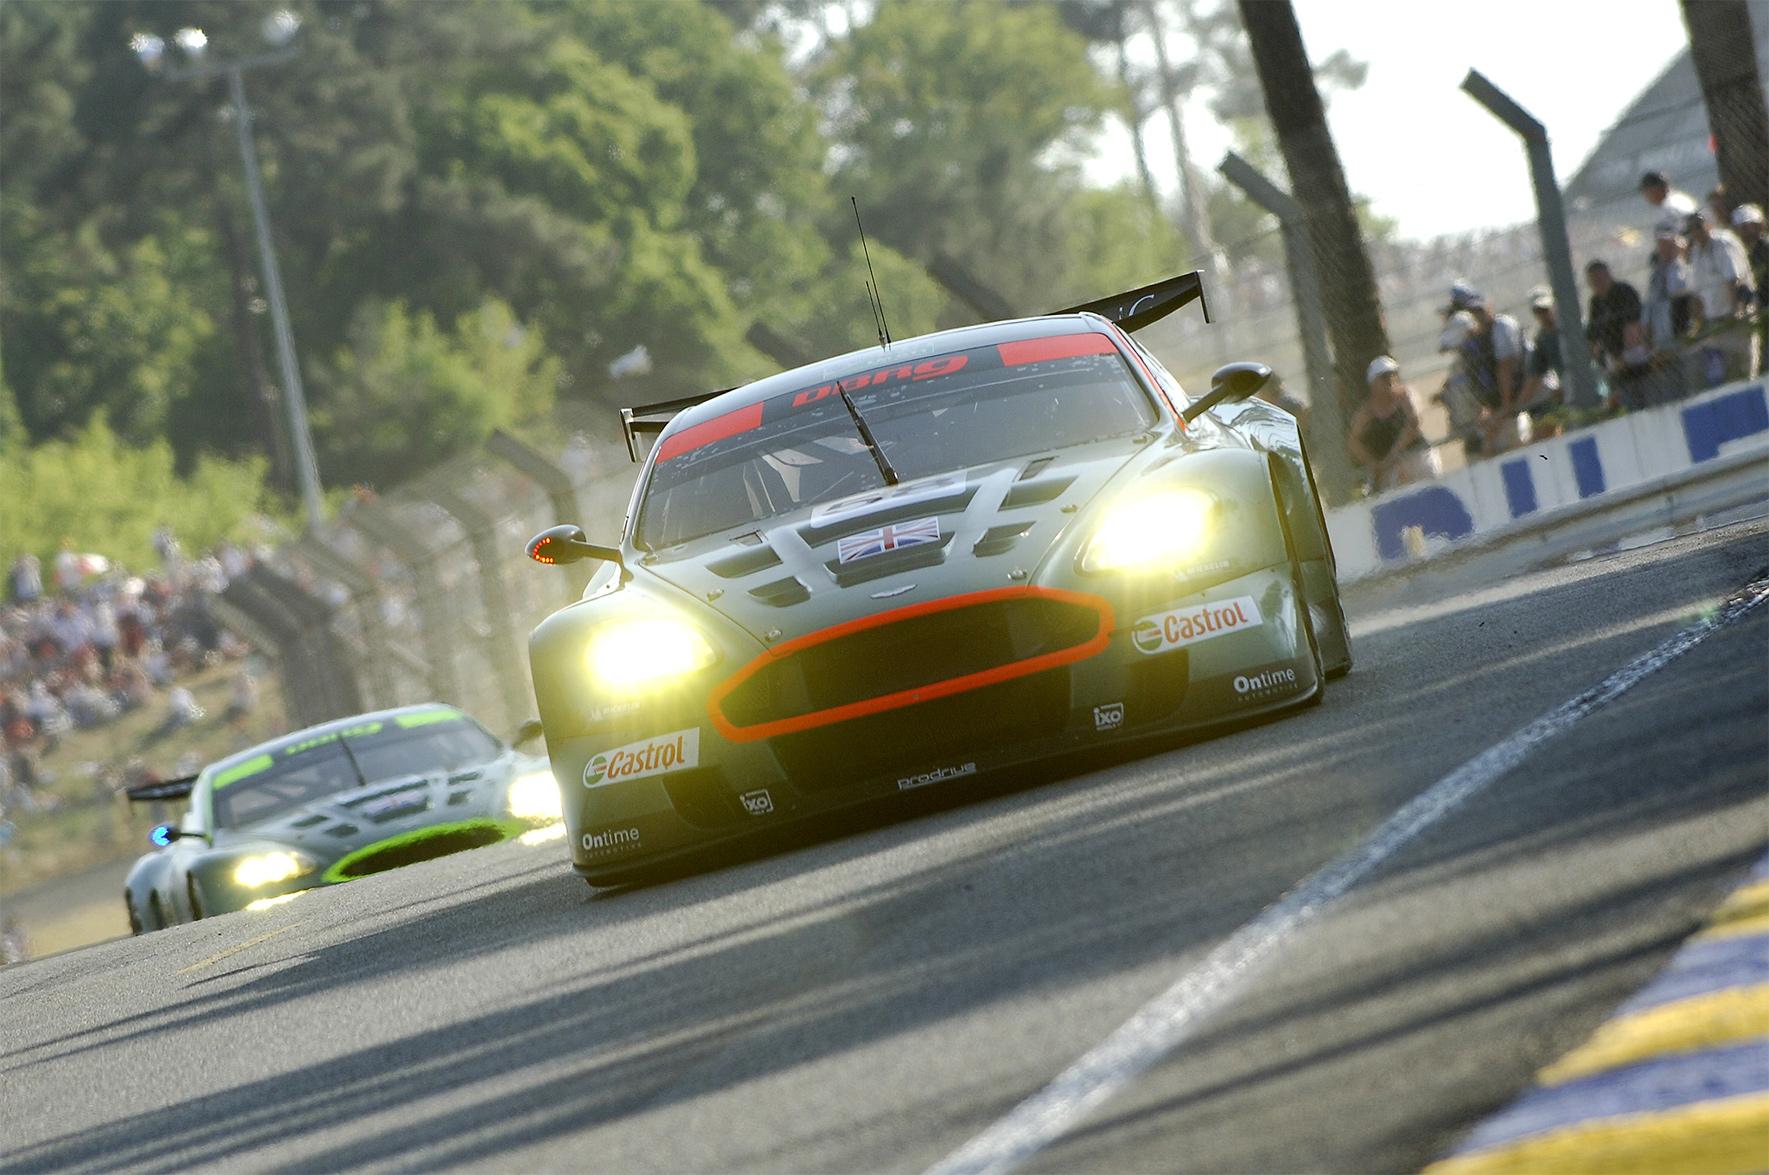 TrackWorthy - Aston Martin DBR9 LE MANS 2006